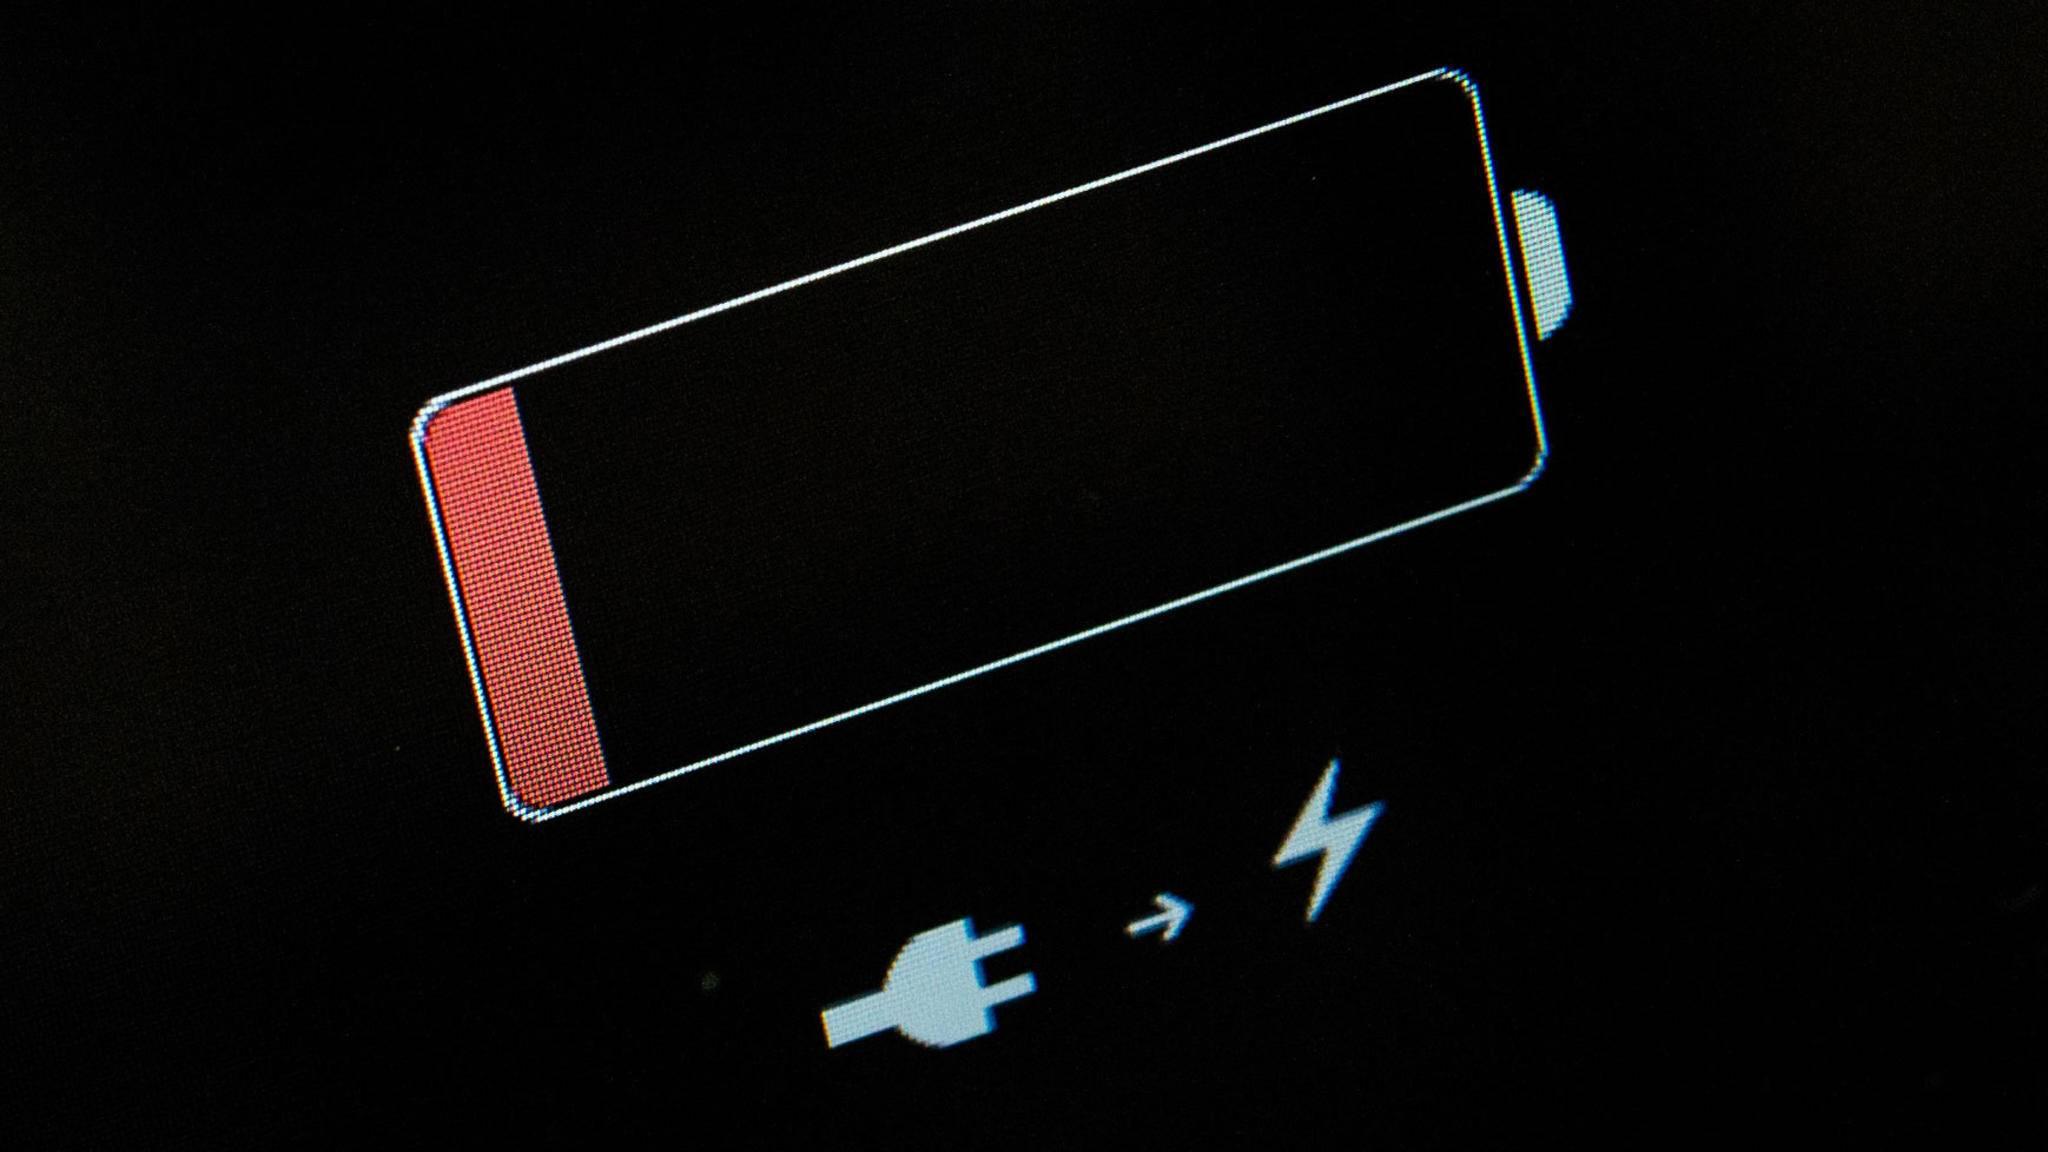 Auch wenn das iPhone nicht gleich lädt, muss es noch nicht kaputt sein.